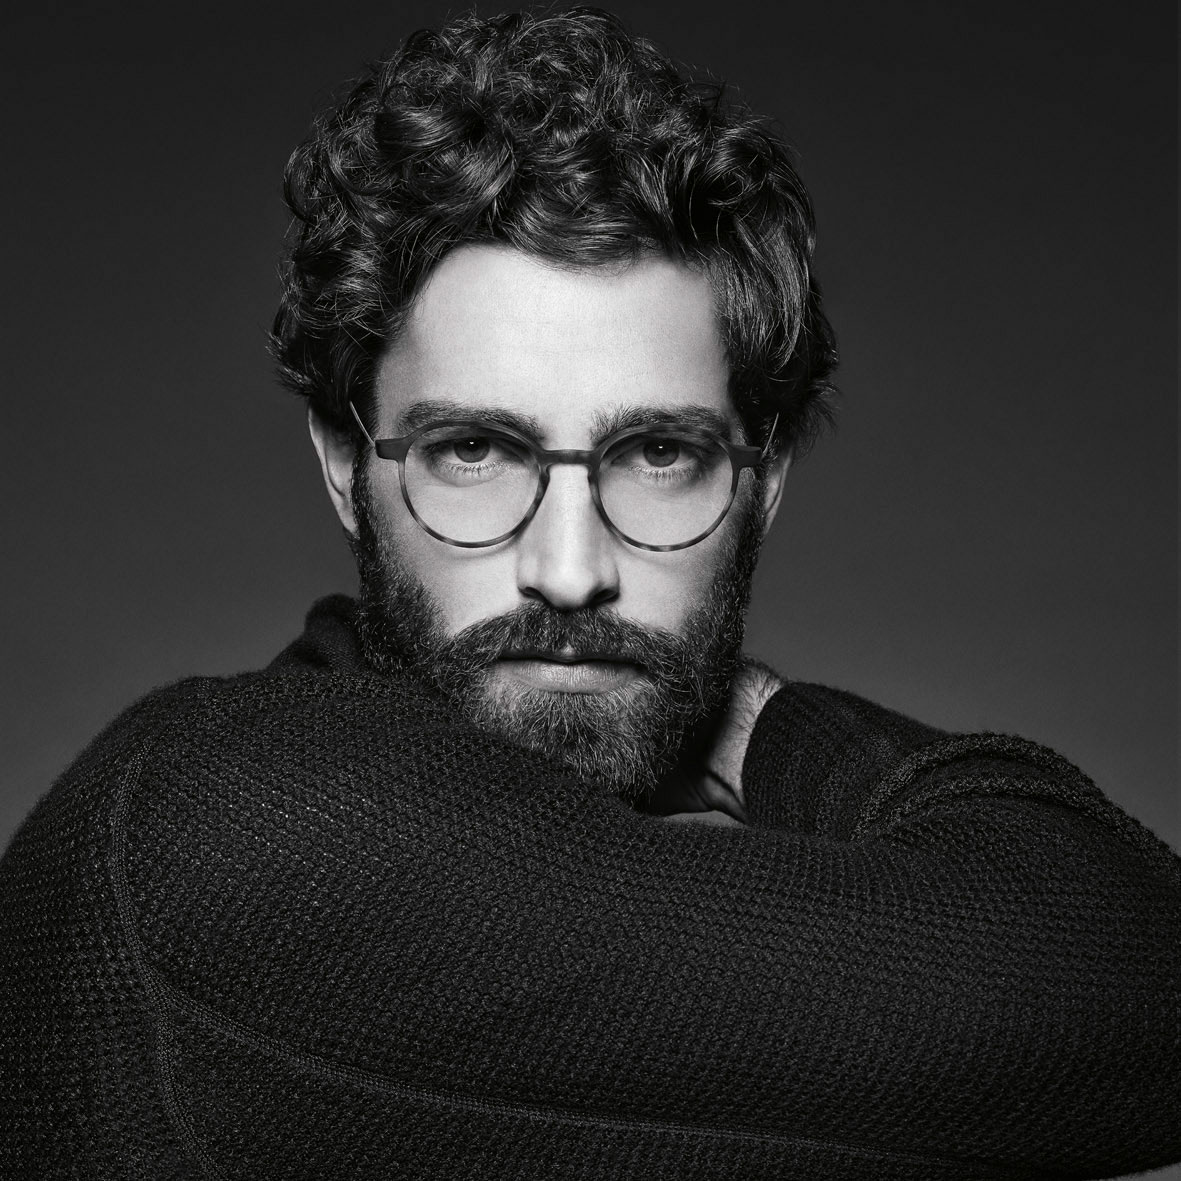 69283fc33afbba Ook spotten we heel wat fijne kunststof monturen. Deze voelen uitermate  licht en comfortabel aan. Giorgio Armani brillen vormen een perfecte  aansluiting bij ...